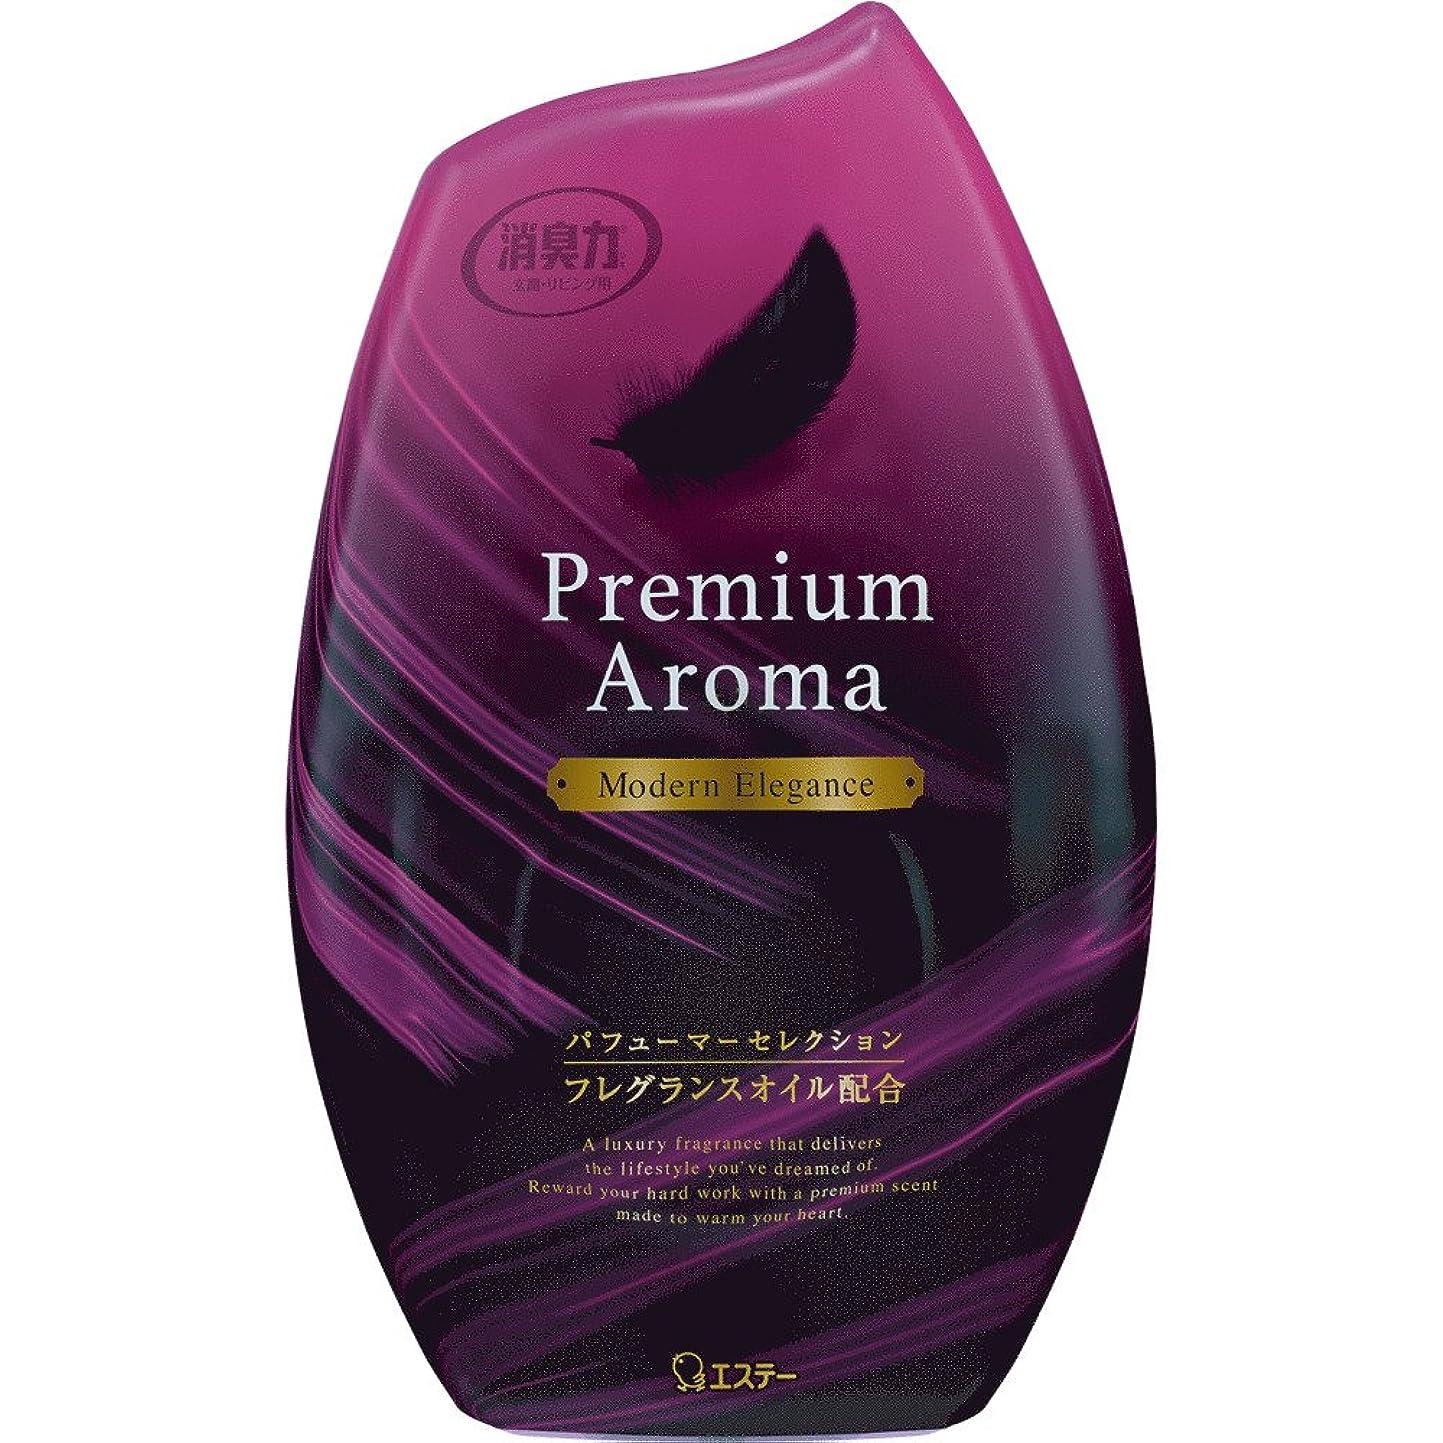 葉っぱスコットランド人科学者お部屋の消臭力 プレミアムアロマ Premium Aroma 消臭芳香剤 部屋用 部屋 モダンエレガンスの香り 400ml